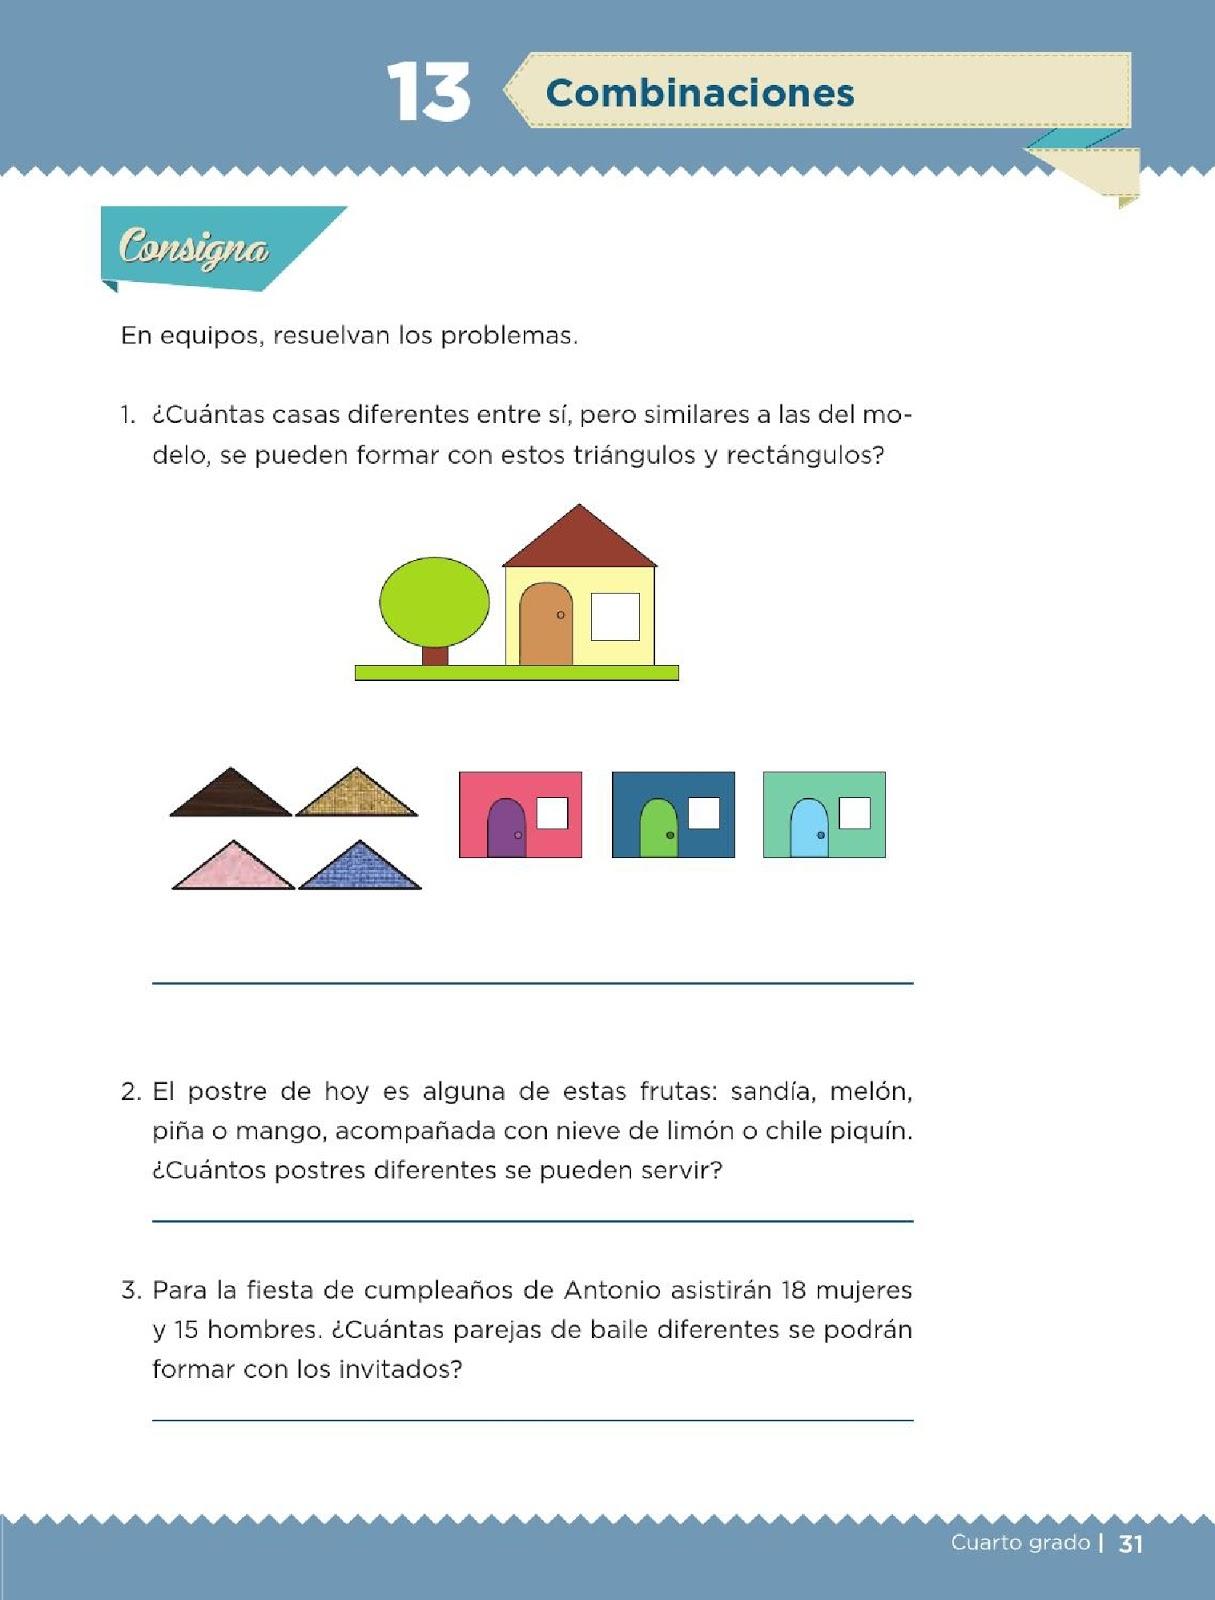 Desafios Matematicos 4 Grado Pdf : desafios, matematicos, grado, Combinaciones, Bloque, Lección, Apoyo, Primaria